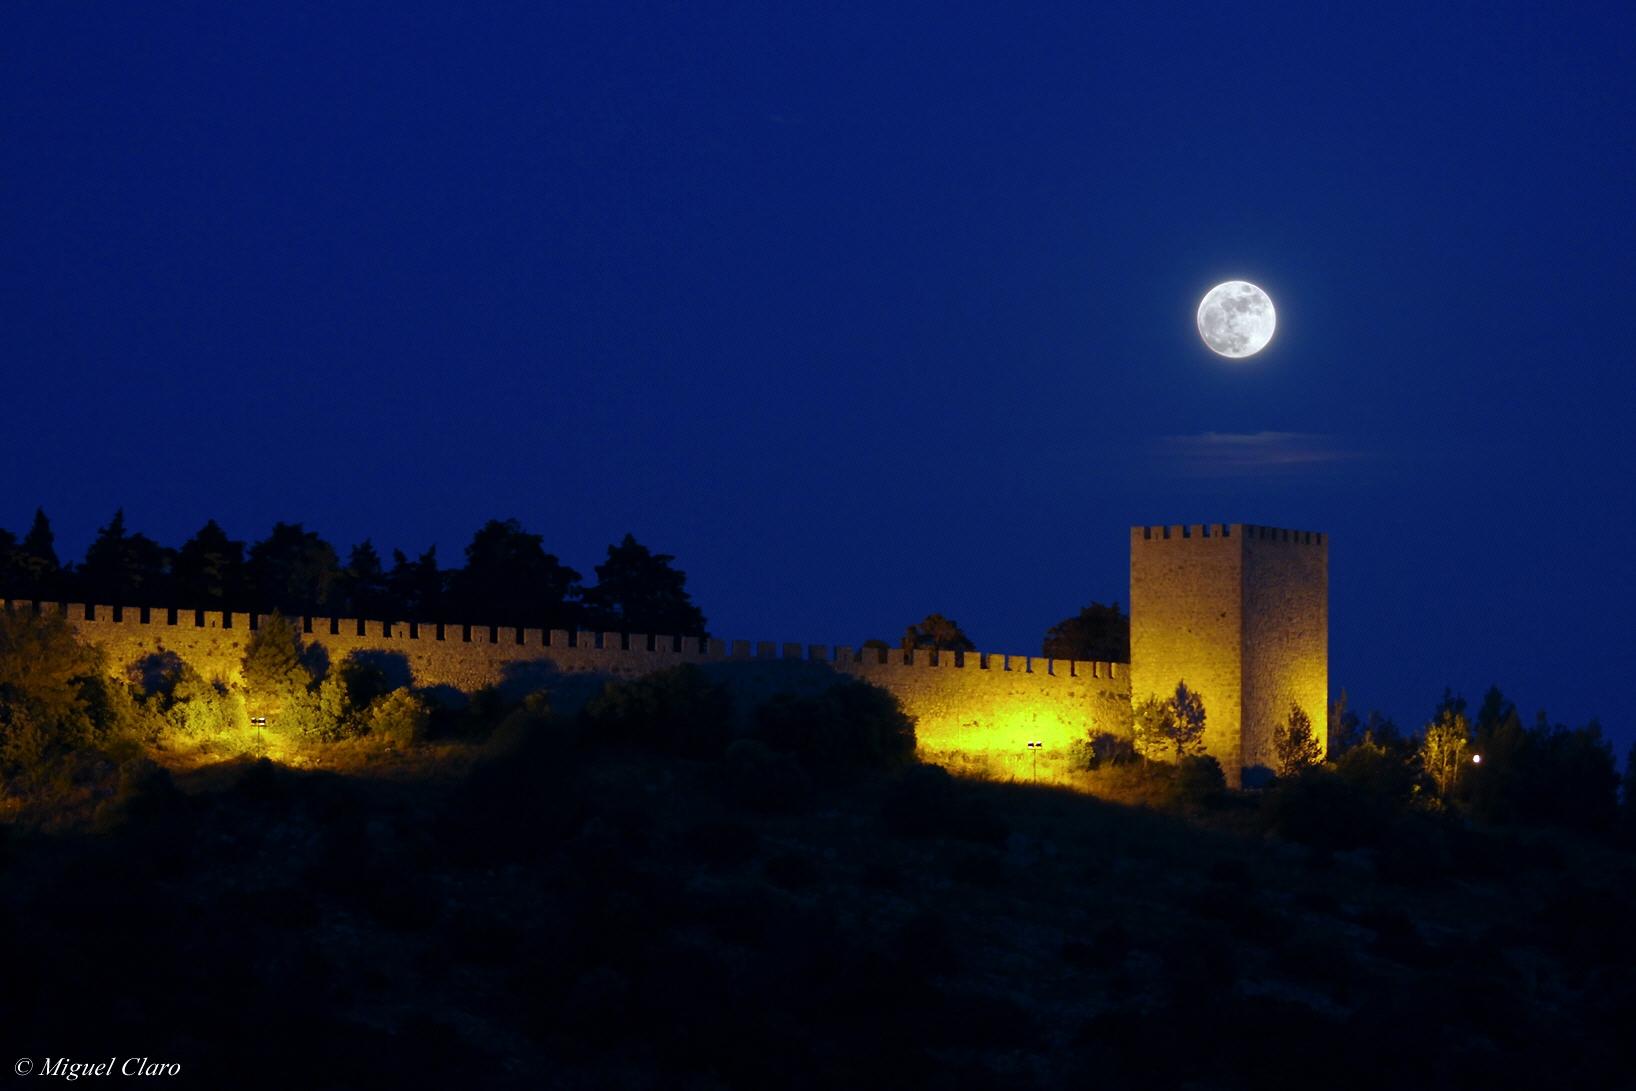 Castelo de Sesimbra e a Lua por Miguel Claro. Dados Técnicos: Canon 50D - ISO400 F-5 Exp-1/3 100mm às 21:25 em 27 de maio